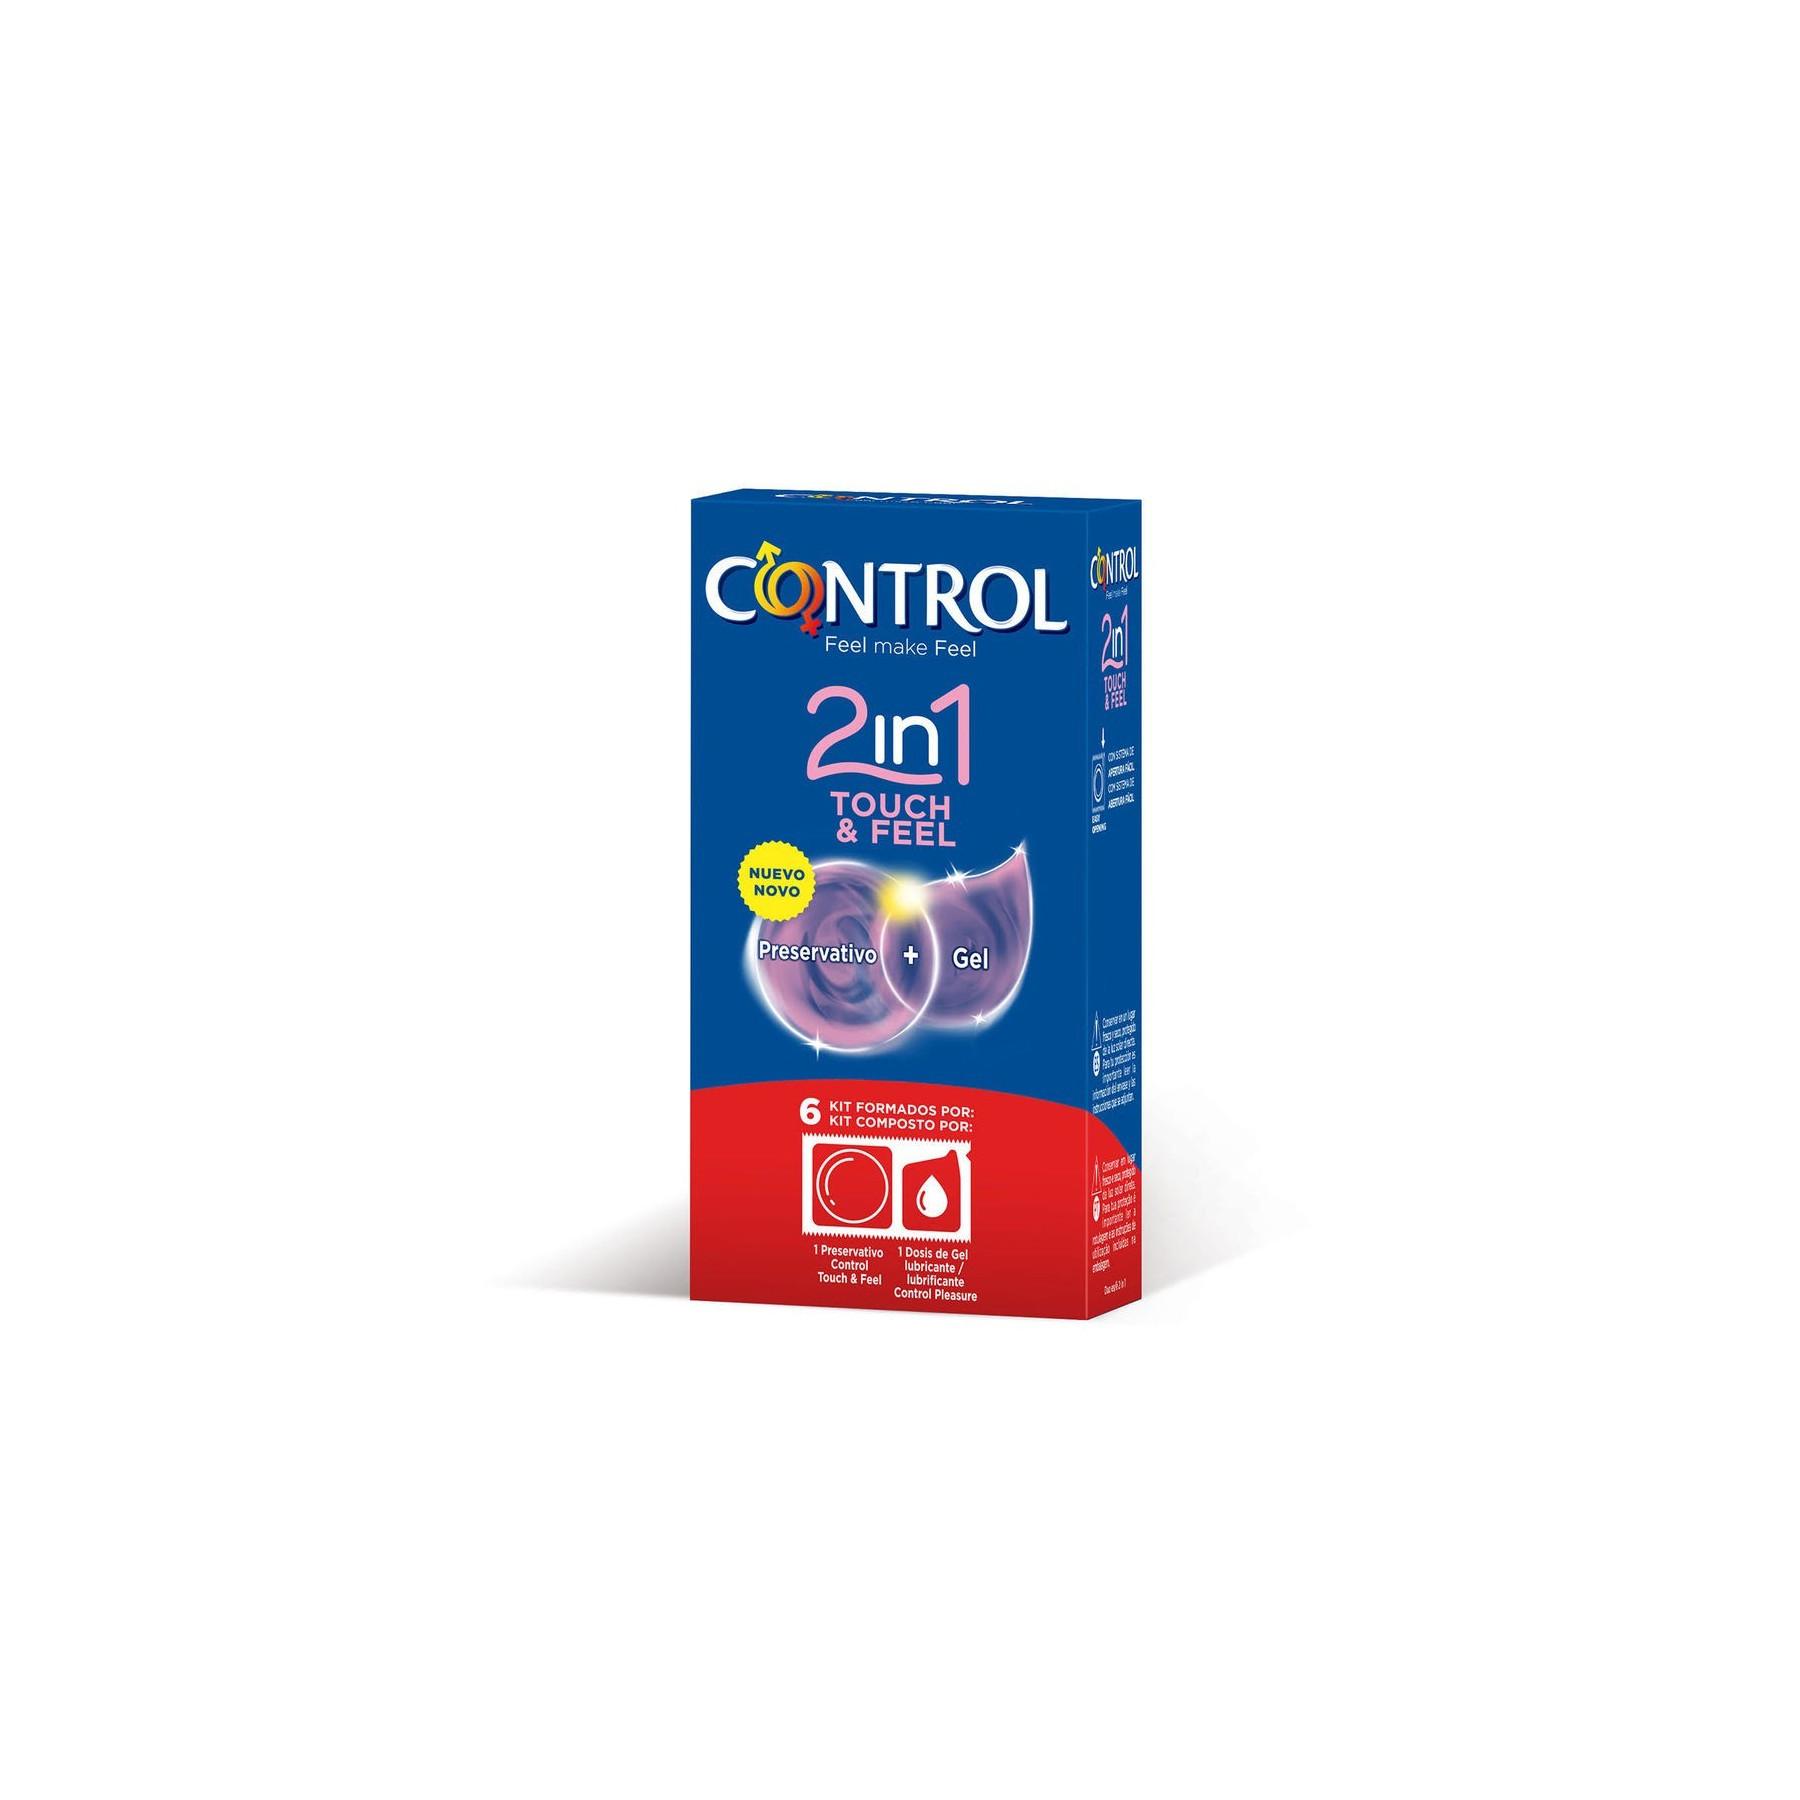 Preservativi Control Touch&Feel 2 in 1 profilattici stimolanti con lubrificante monodose